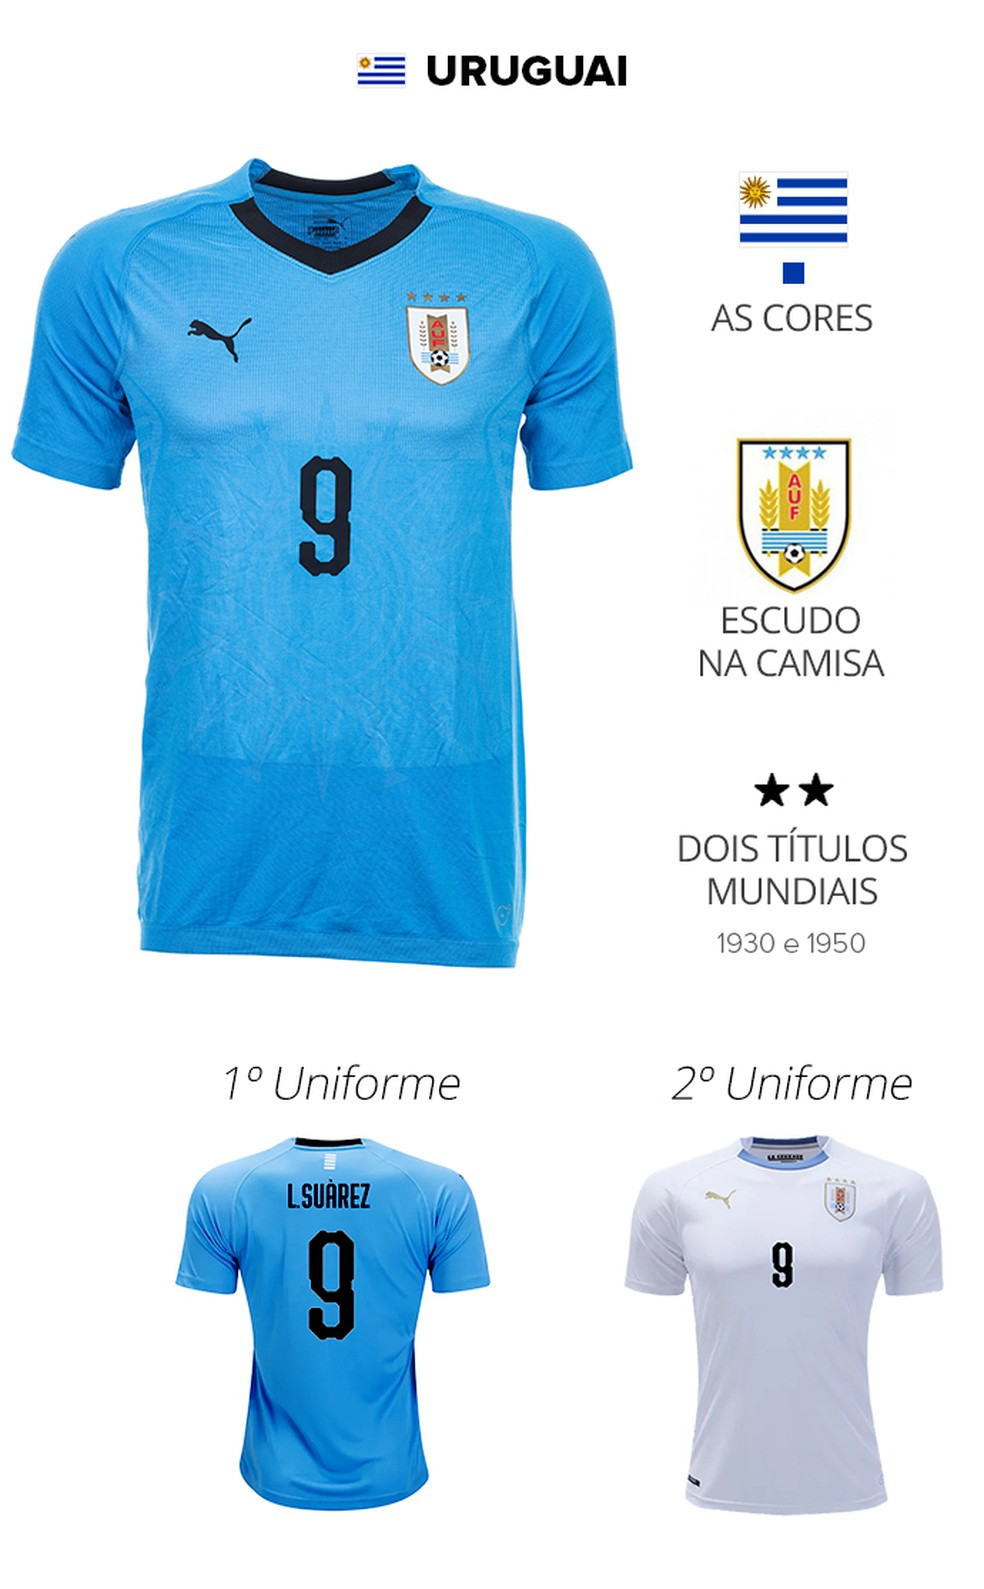 6fc503c7d0 O escudo traz a sigla da Associação Uruguaia de Futebol (AUF) em um pilar  dourado cercado por louros e uma bola. Teria sido inspirado na torre  principal do ...